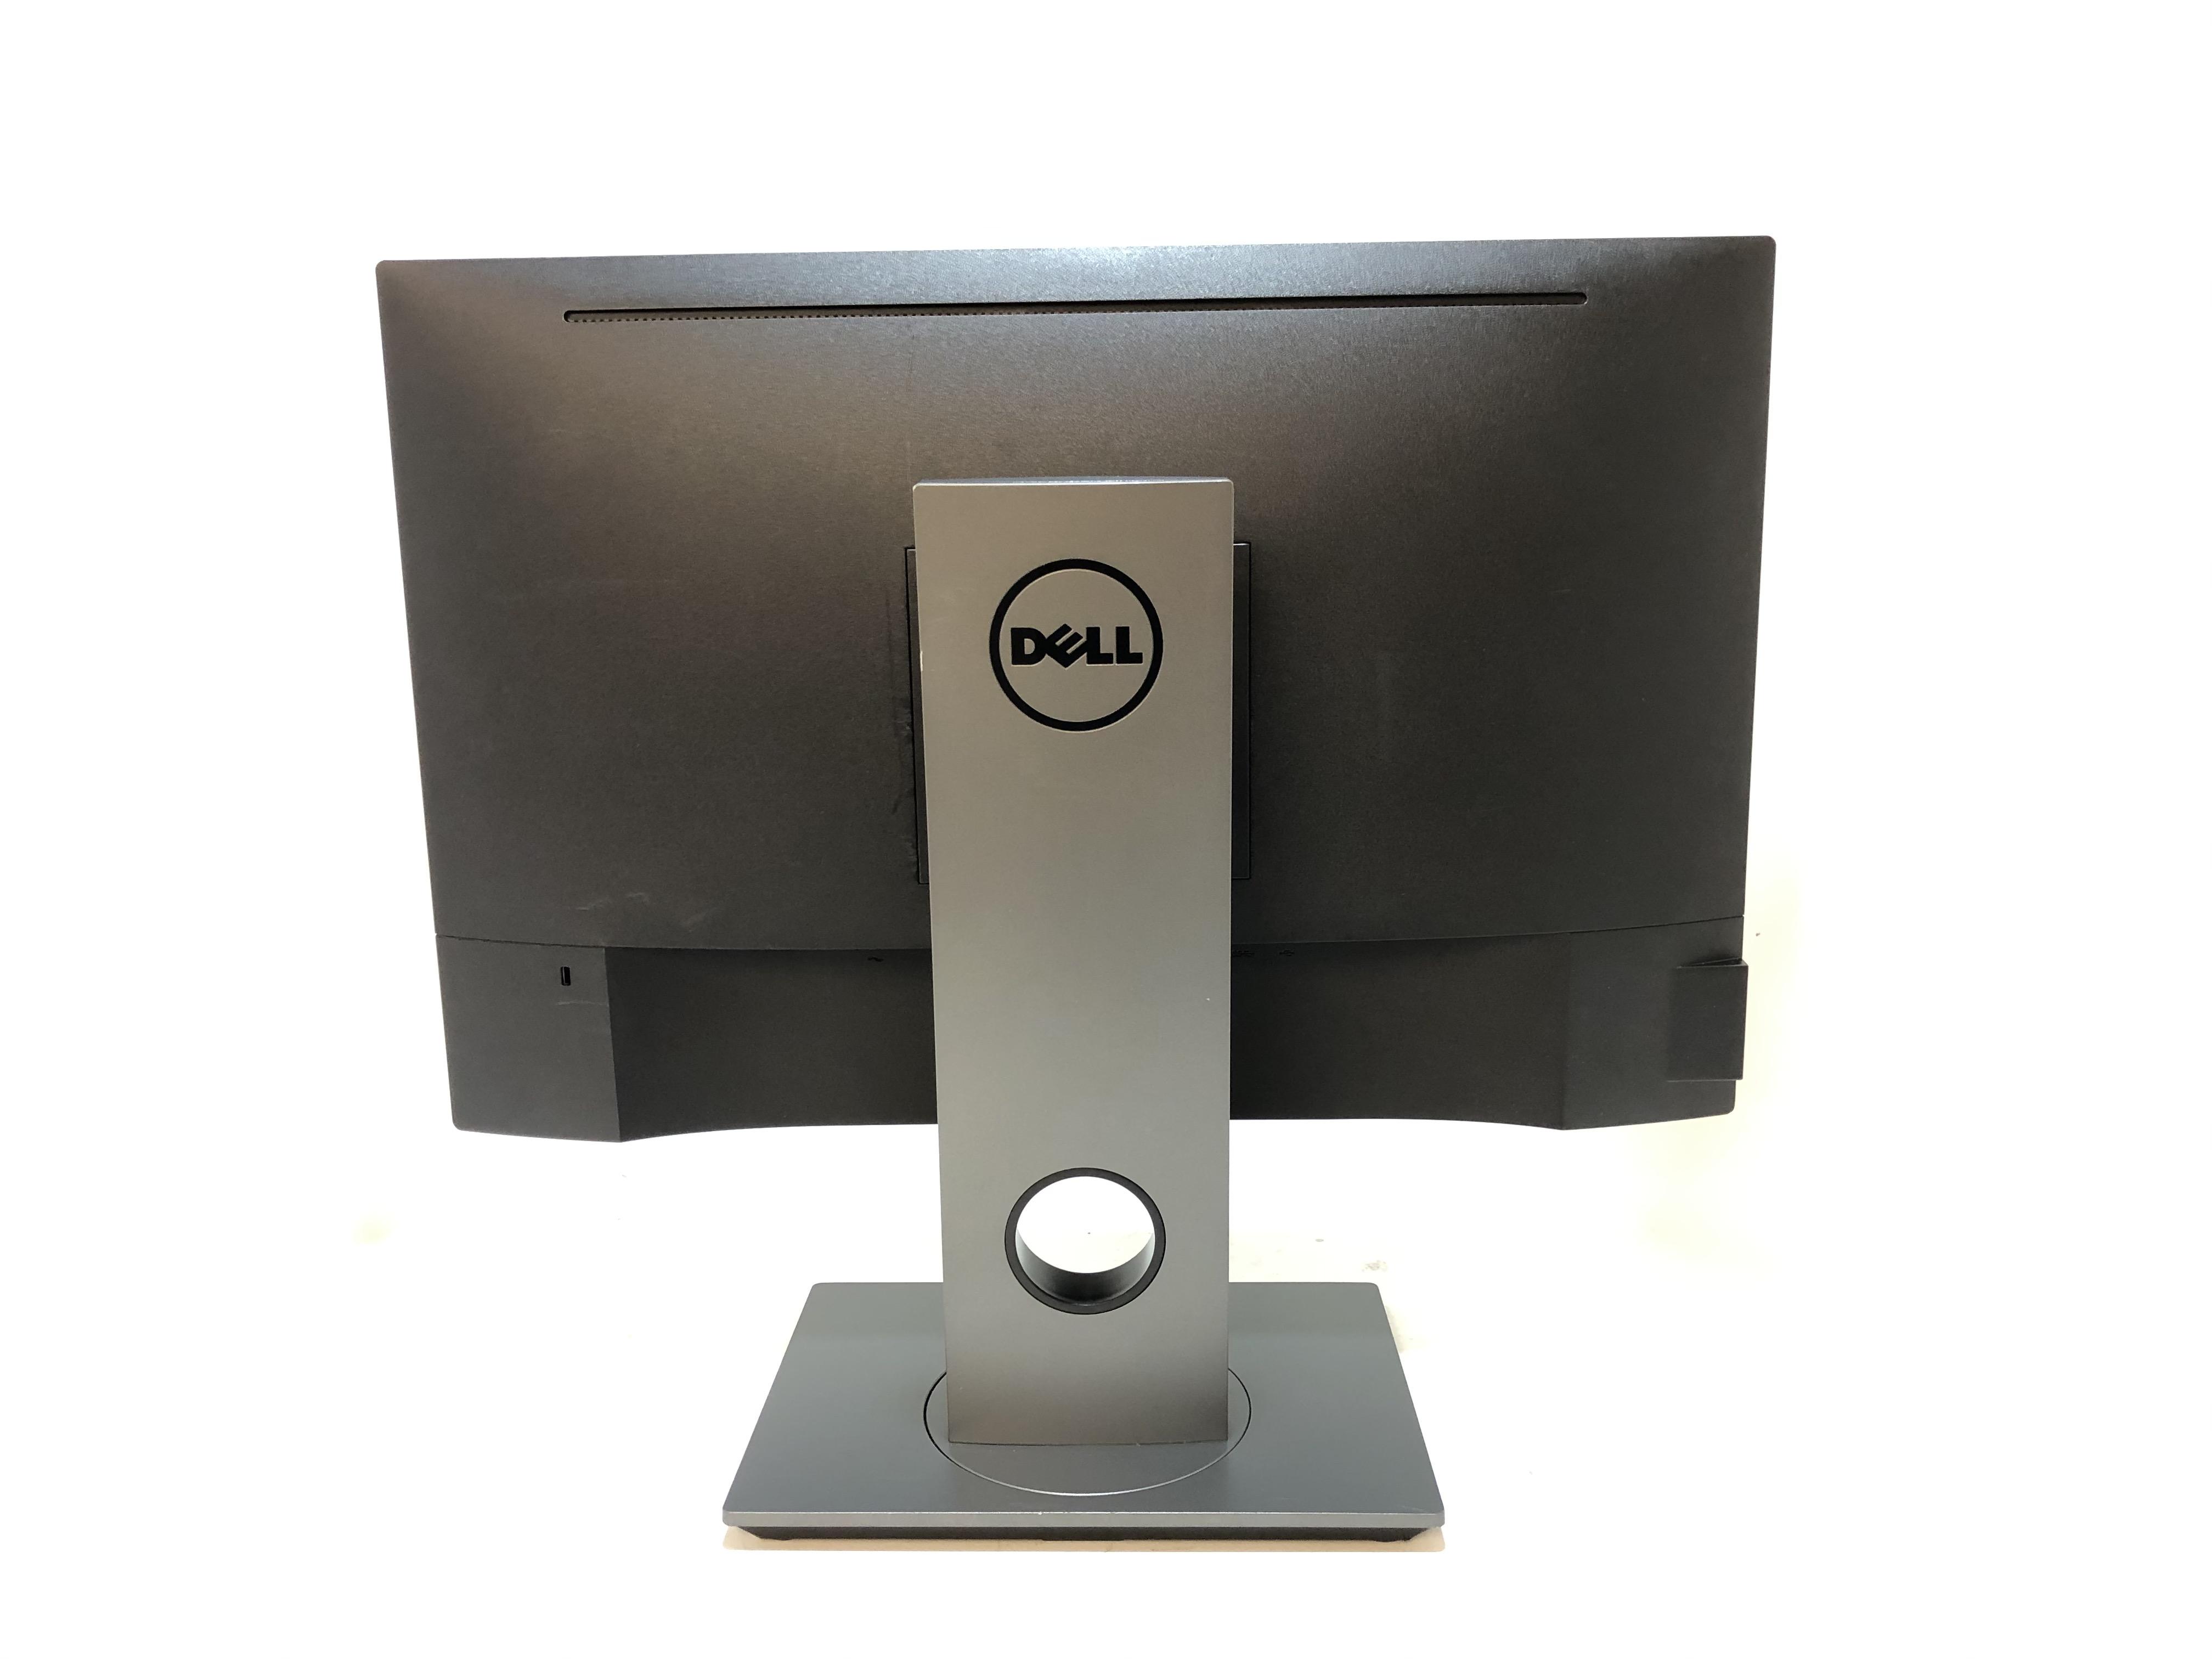 Dell P2217 No 3